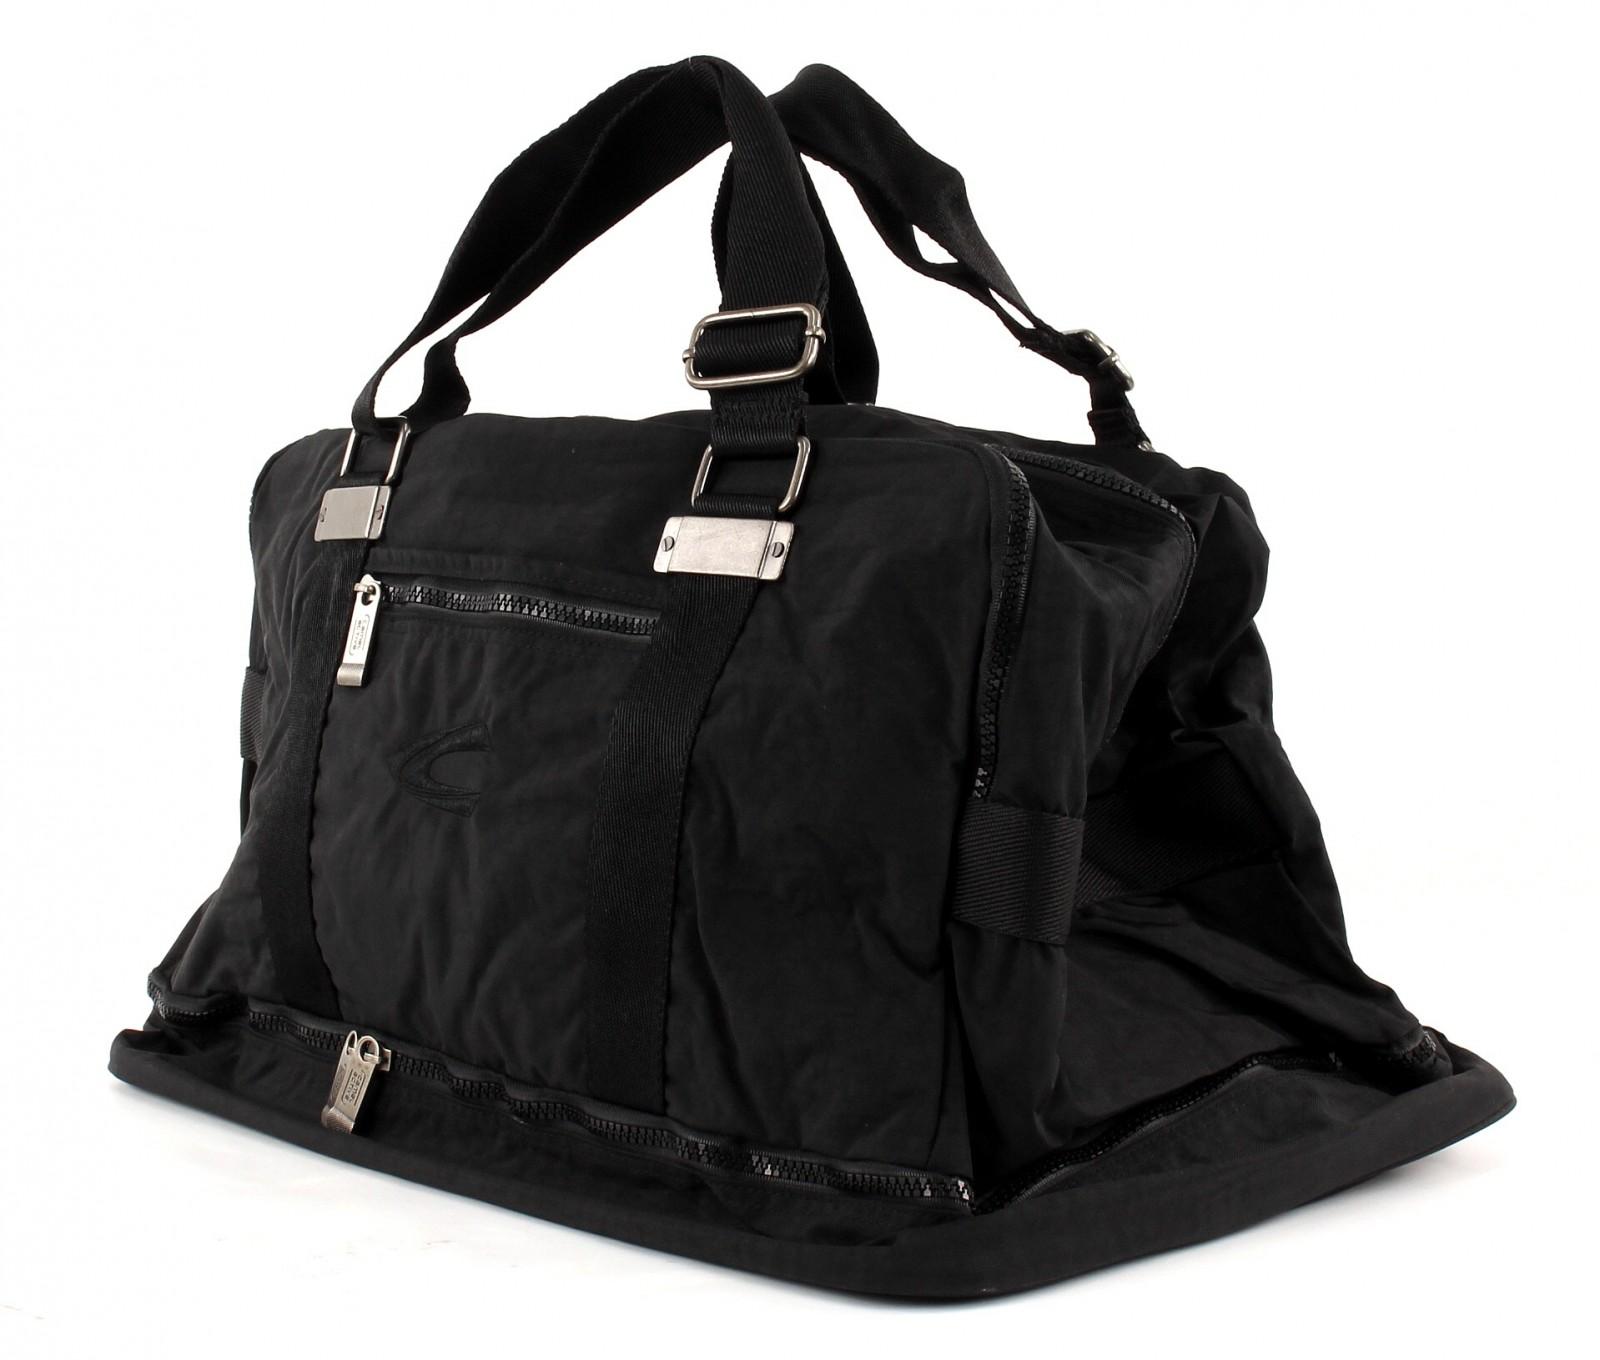 camel active Journey Fitness Bag Black